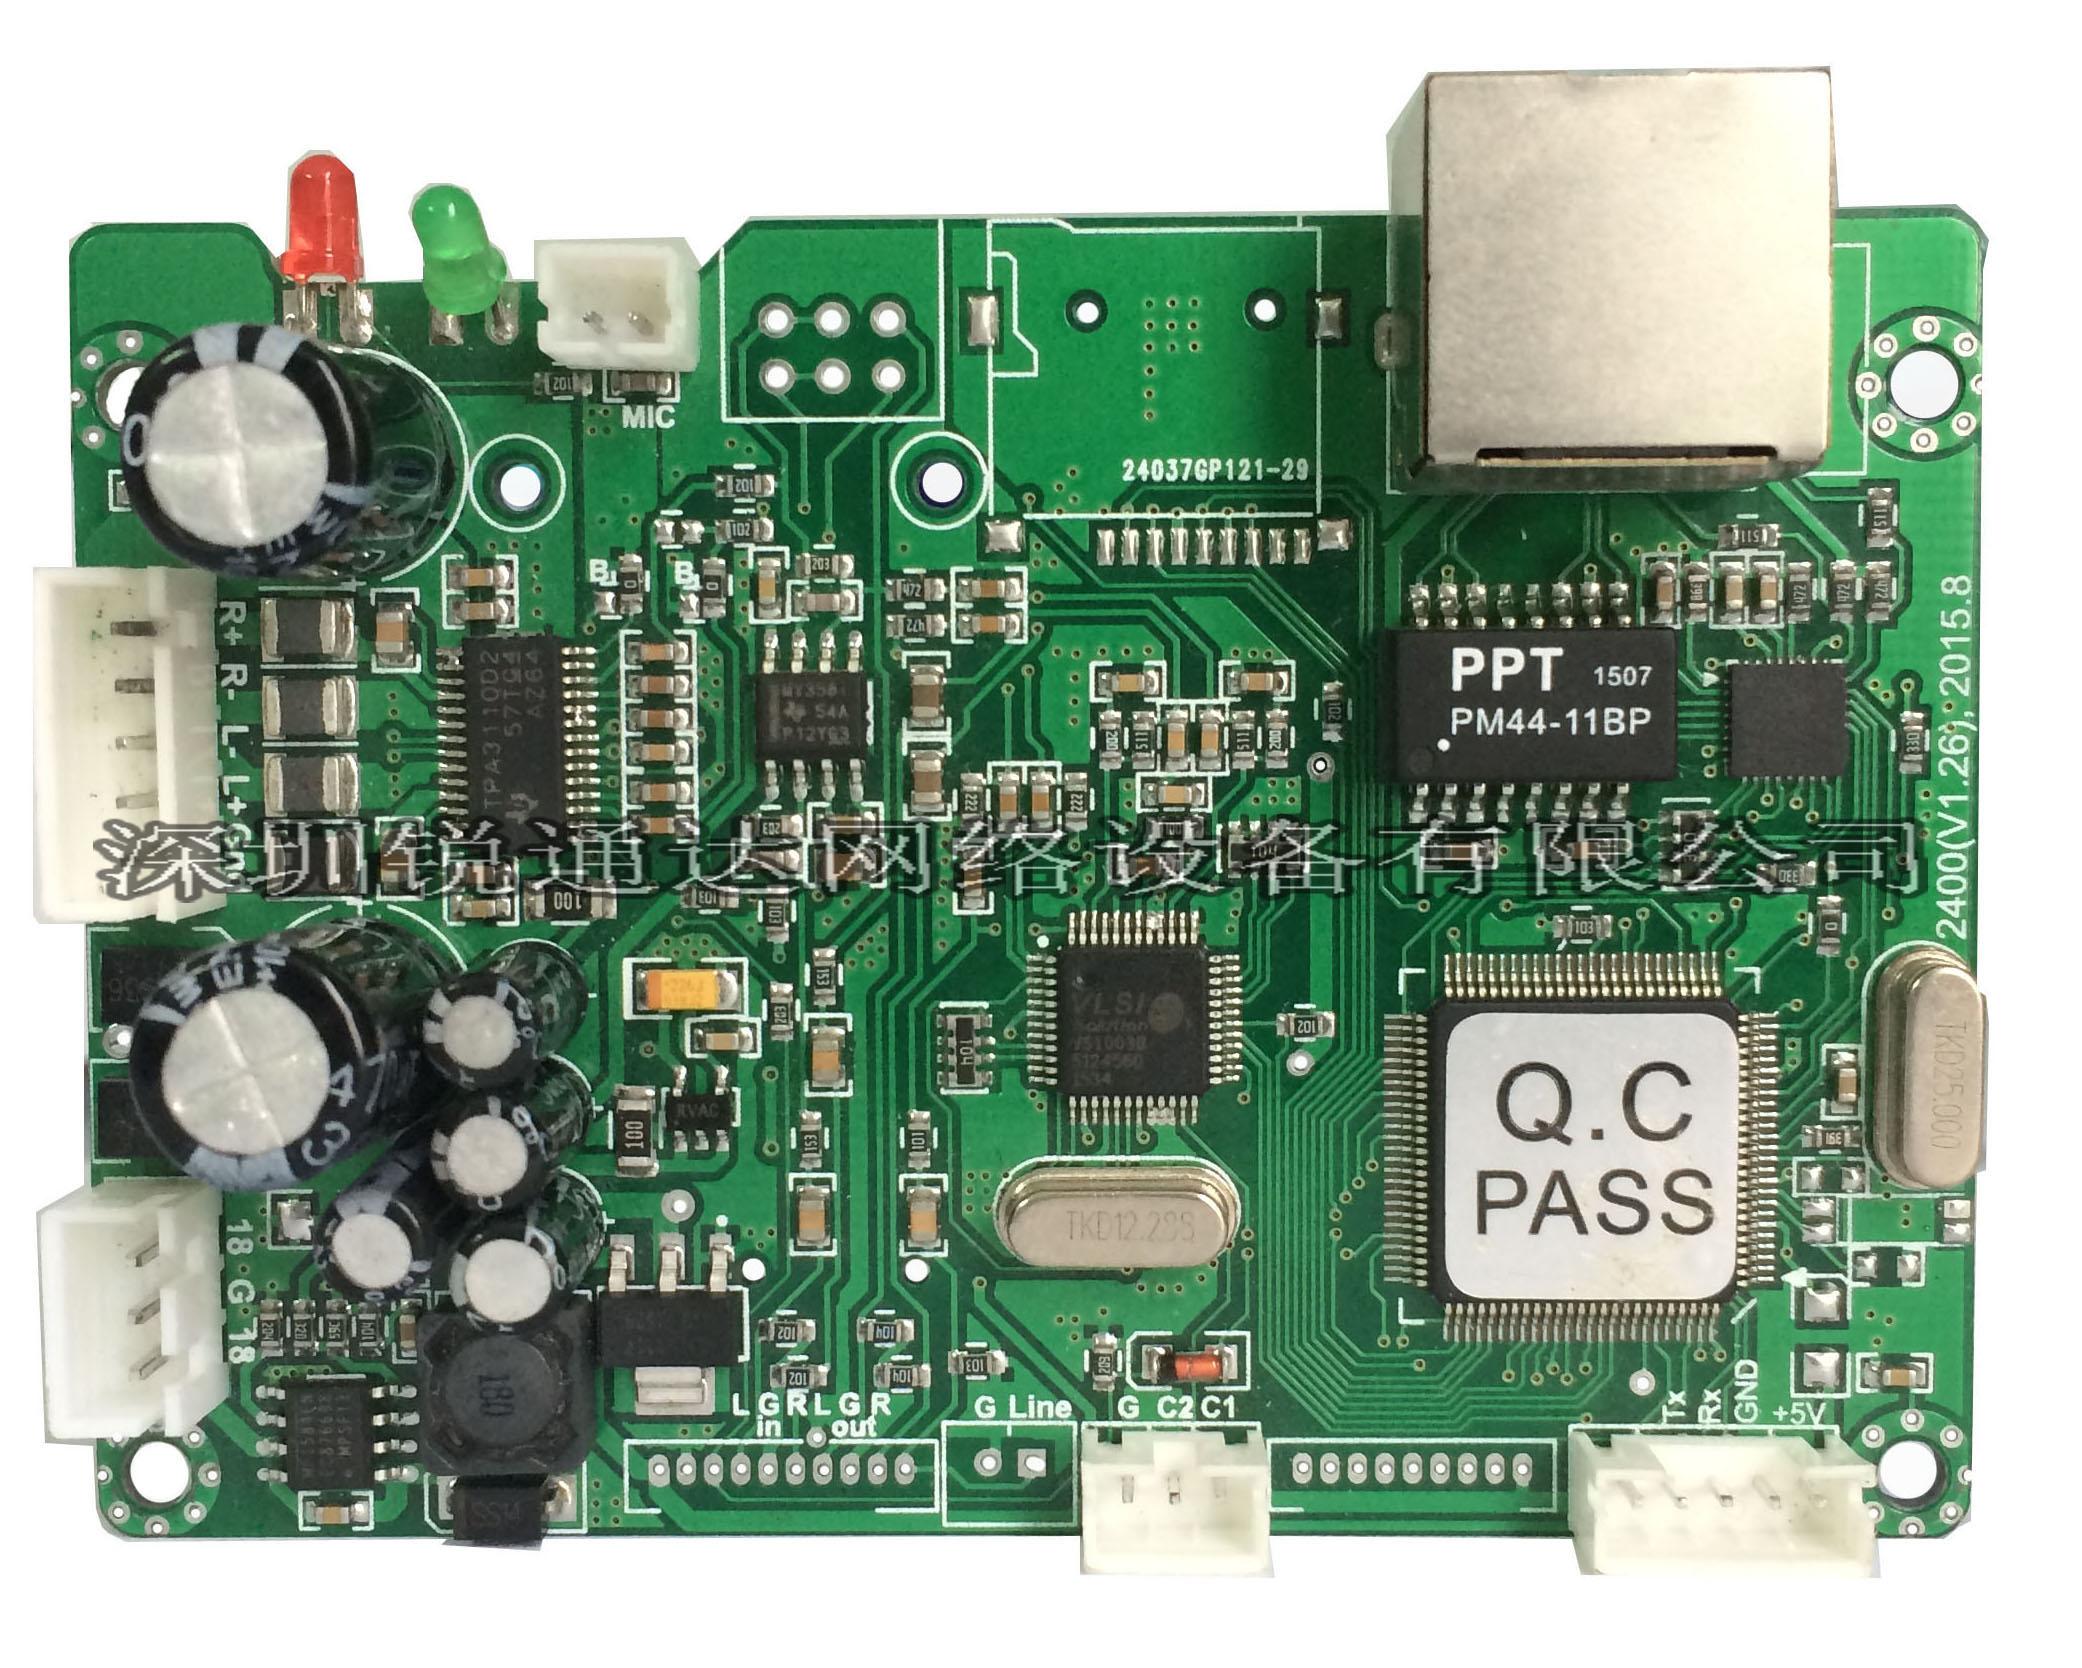 供应停车场对讲系统全双工双向IP语音对讲模块SV-2403